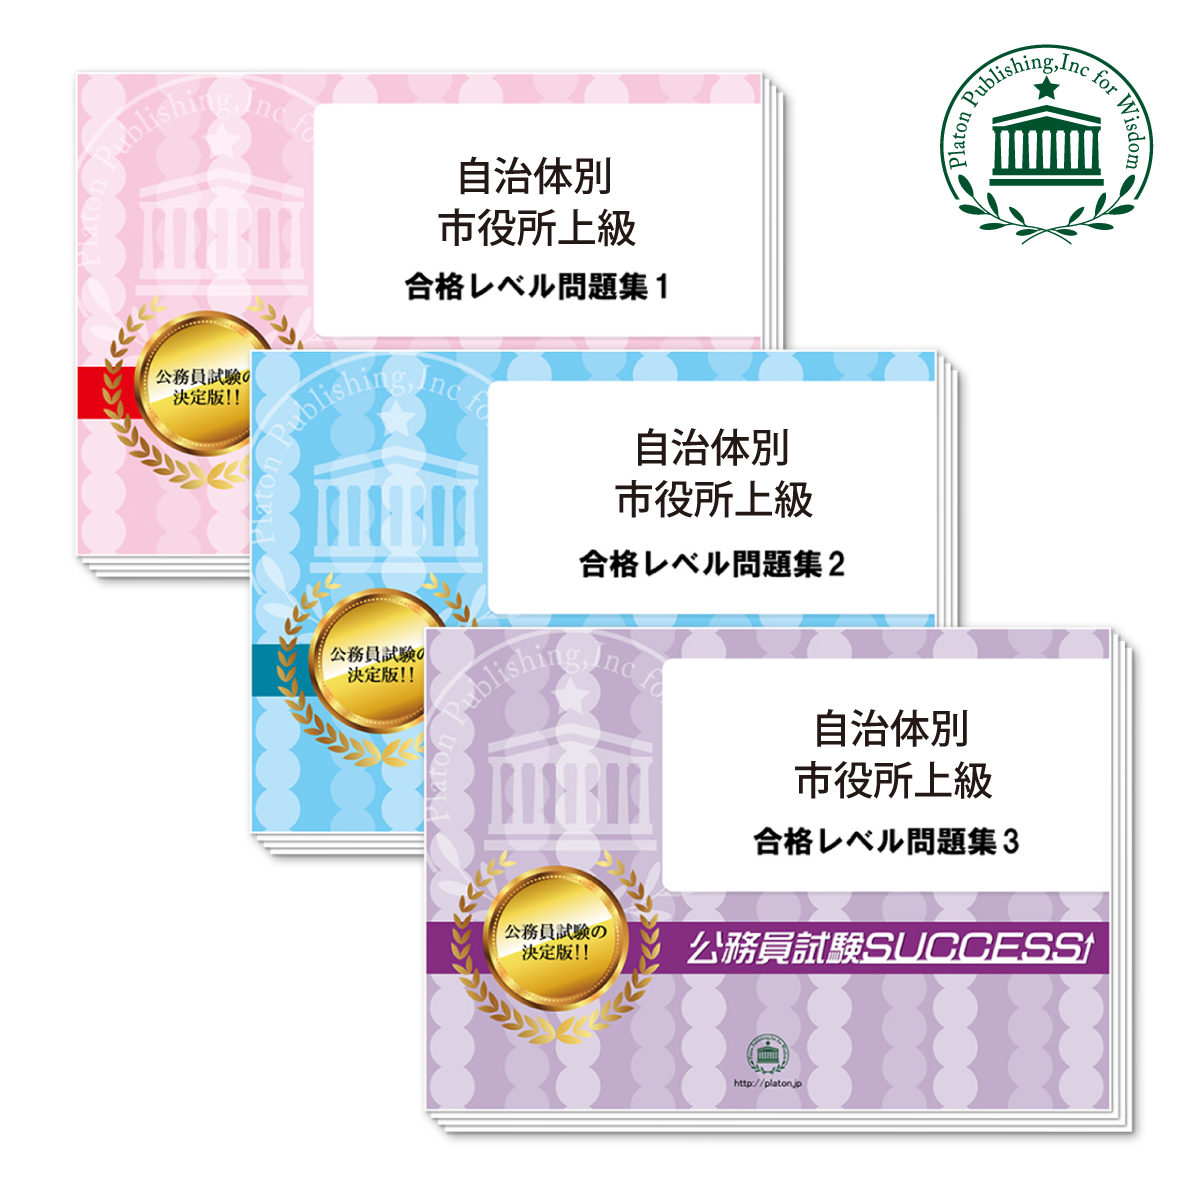 【送料・代引手数料無料】千曲市職員採用(上級)教養試験合格セット(3冊)